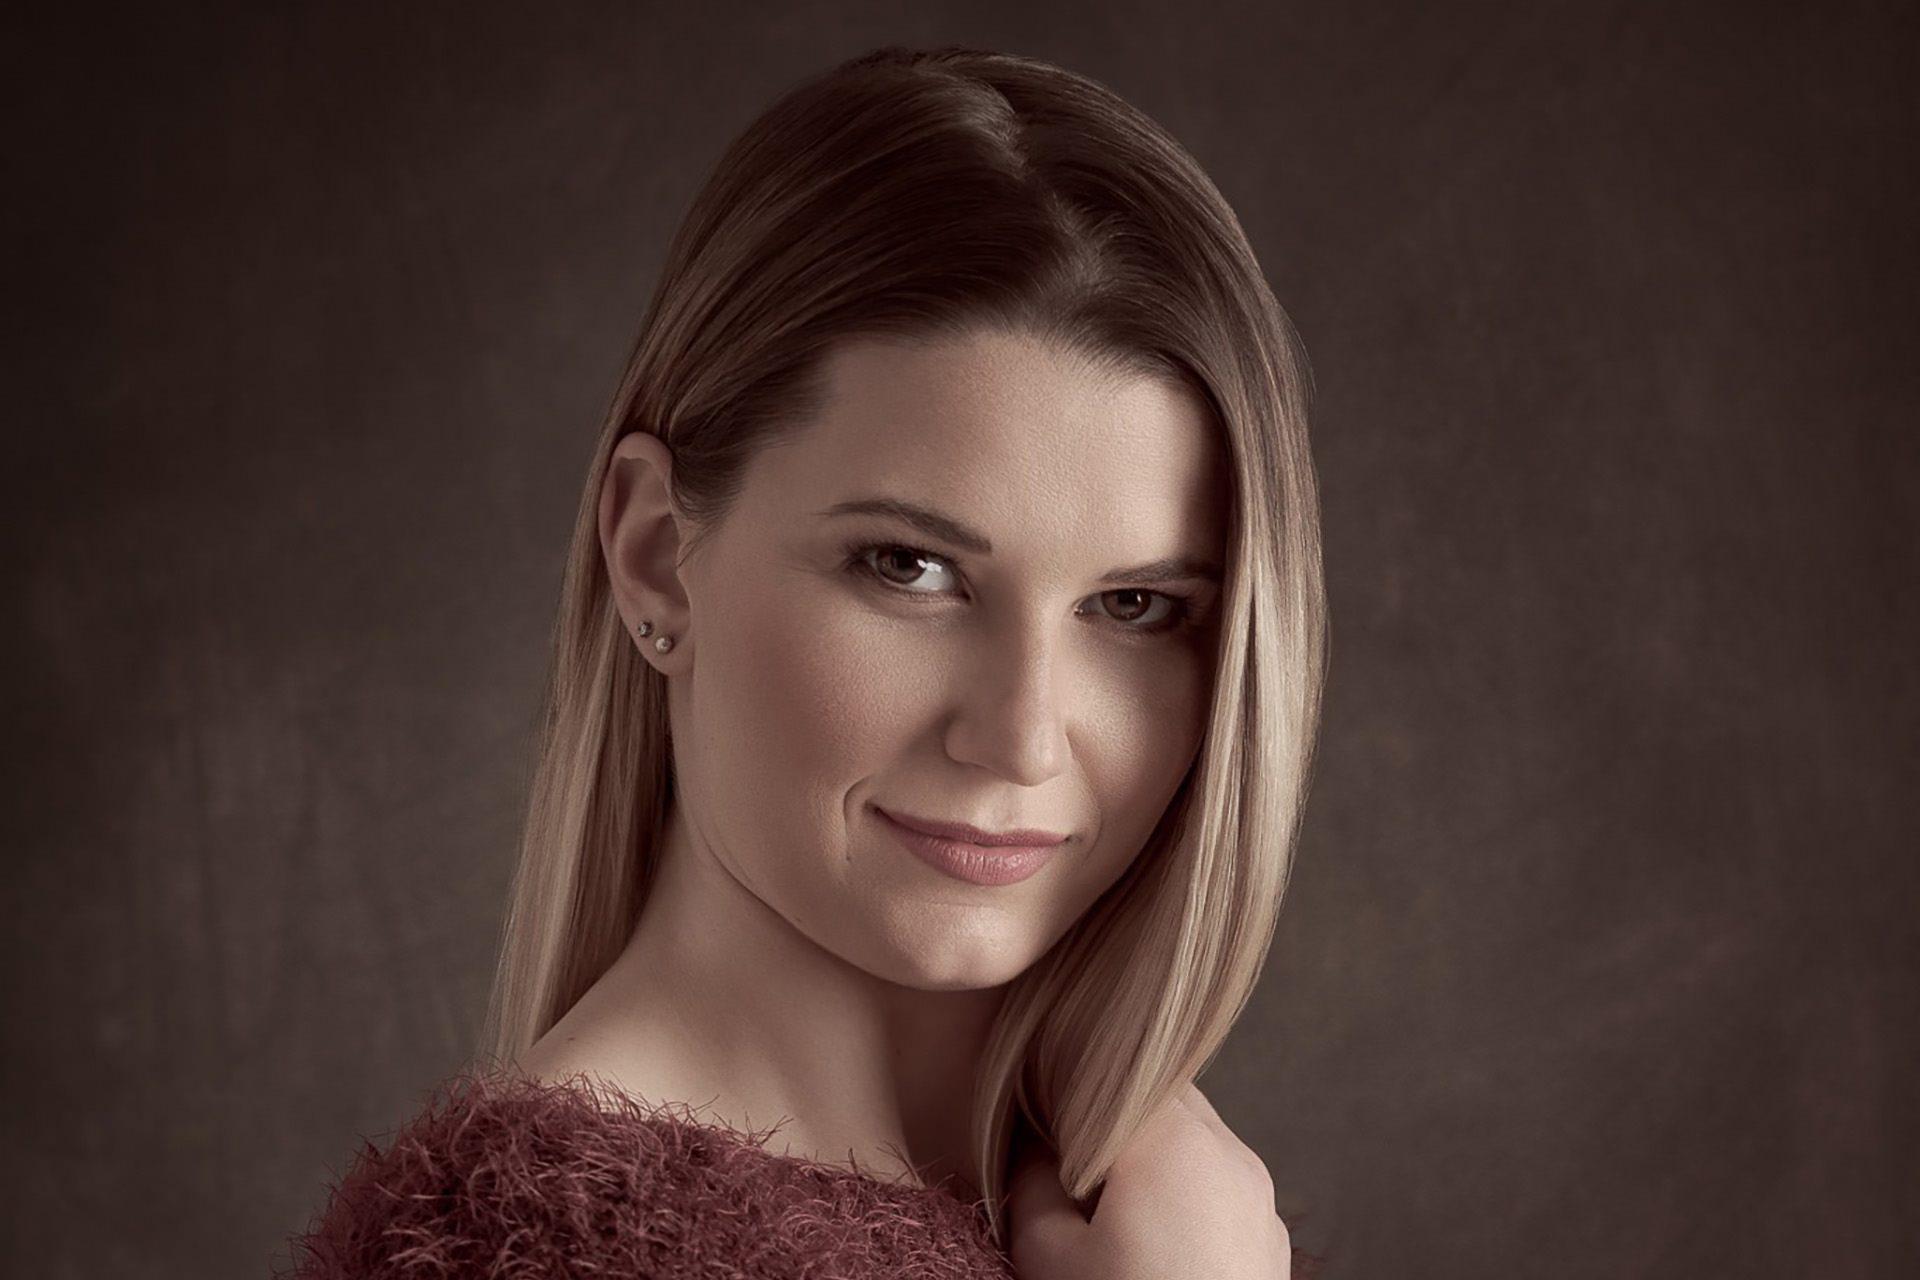 Loredana Ledda